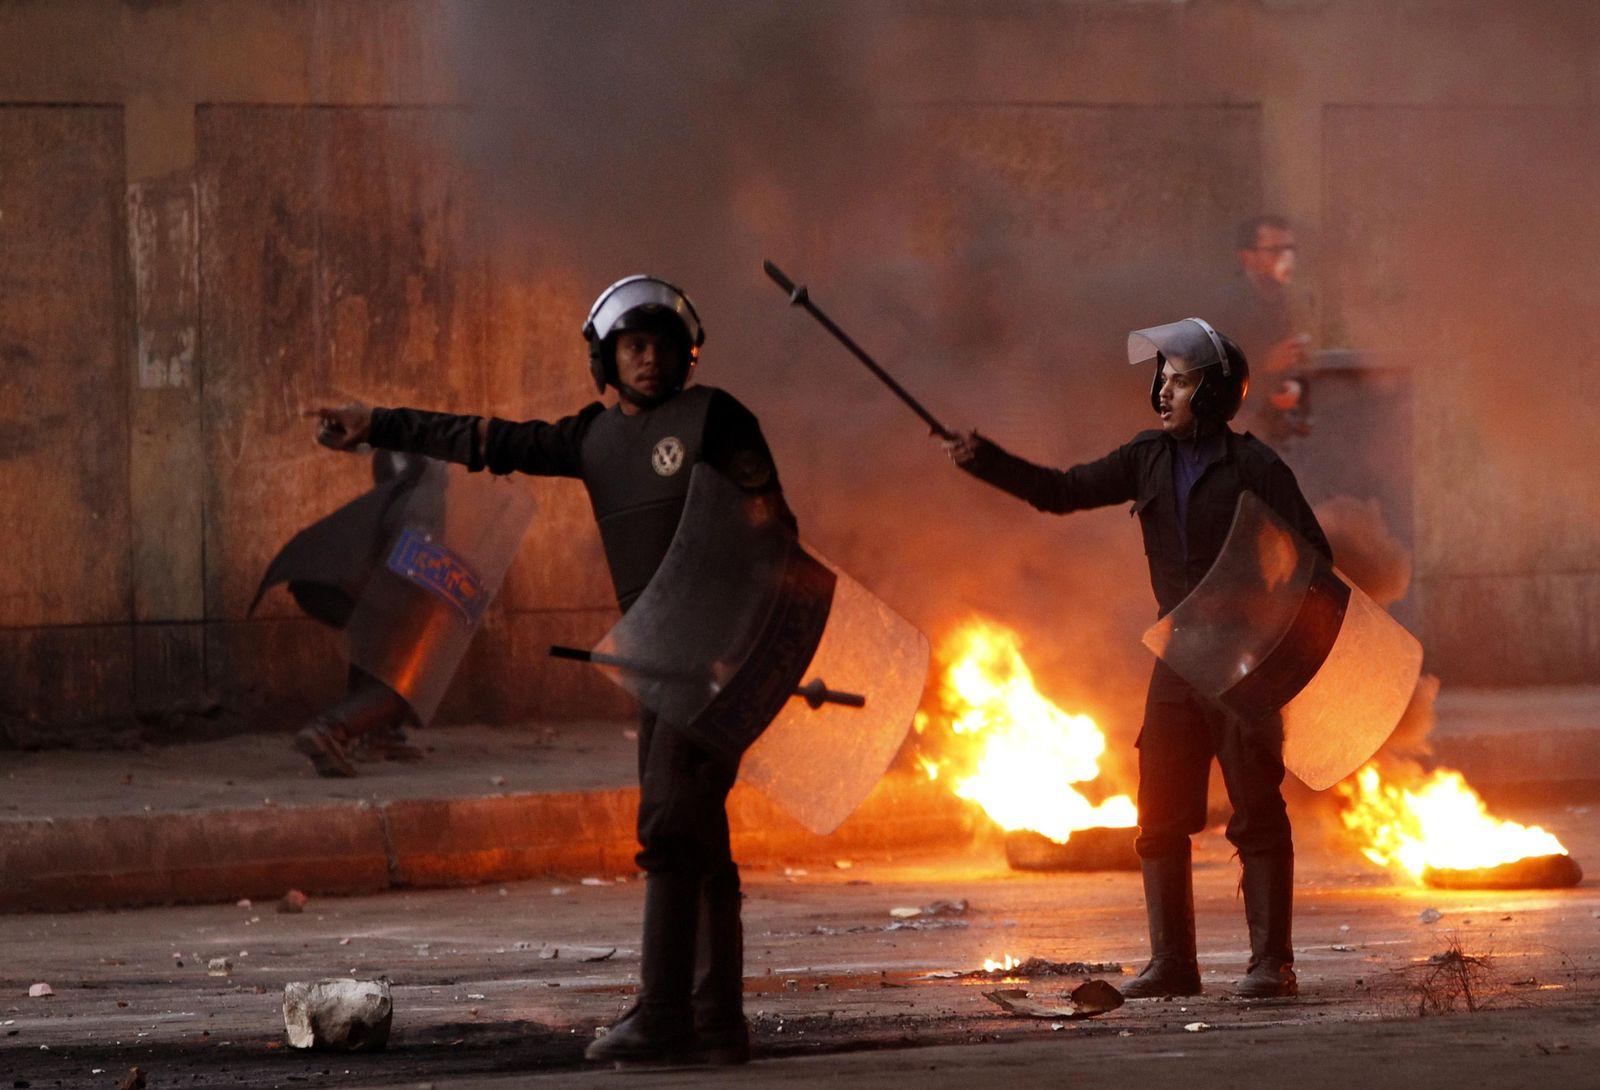 Ägypten/ Aufstand/ Protest